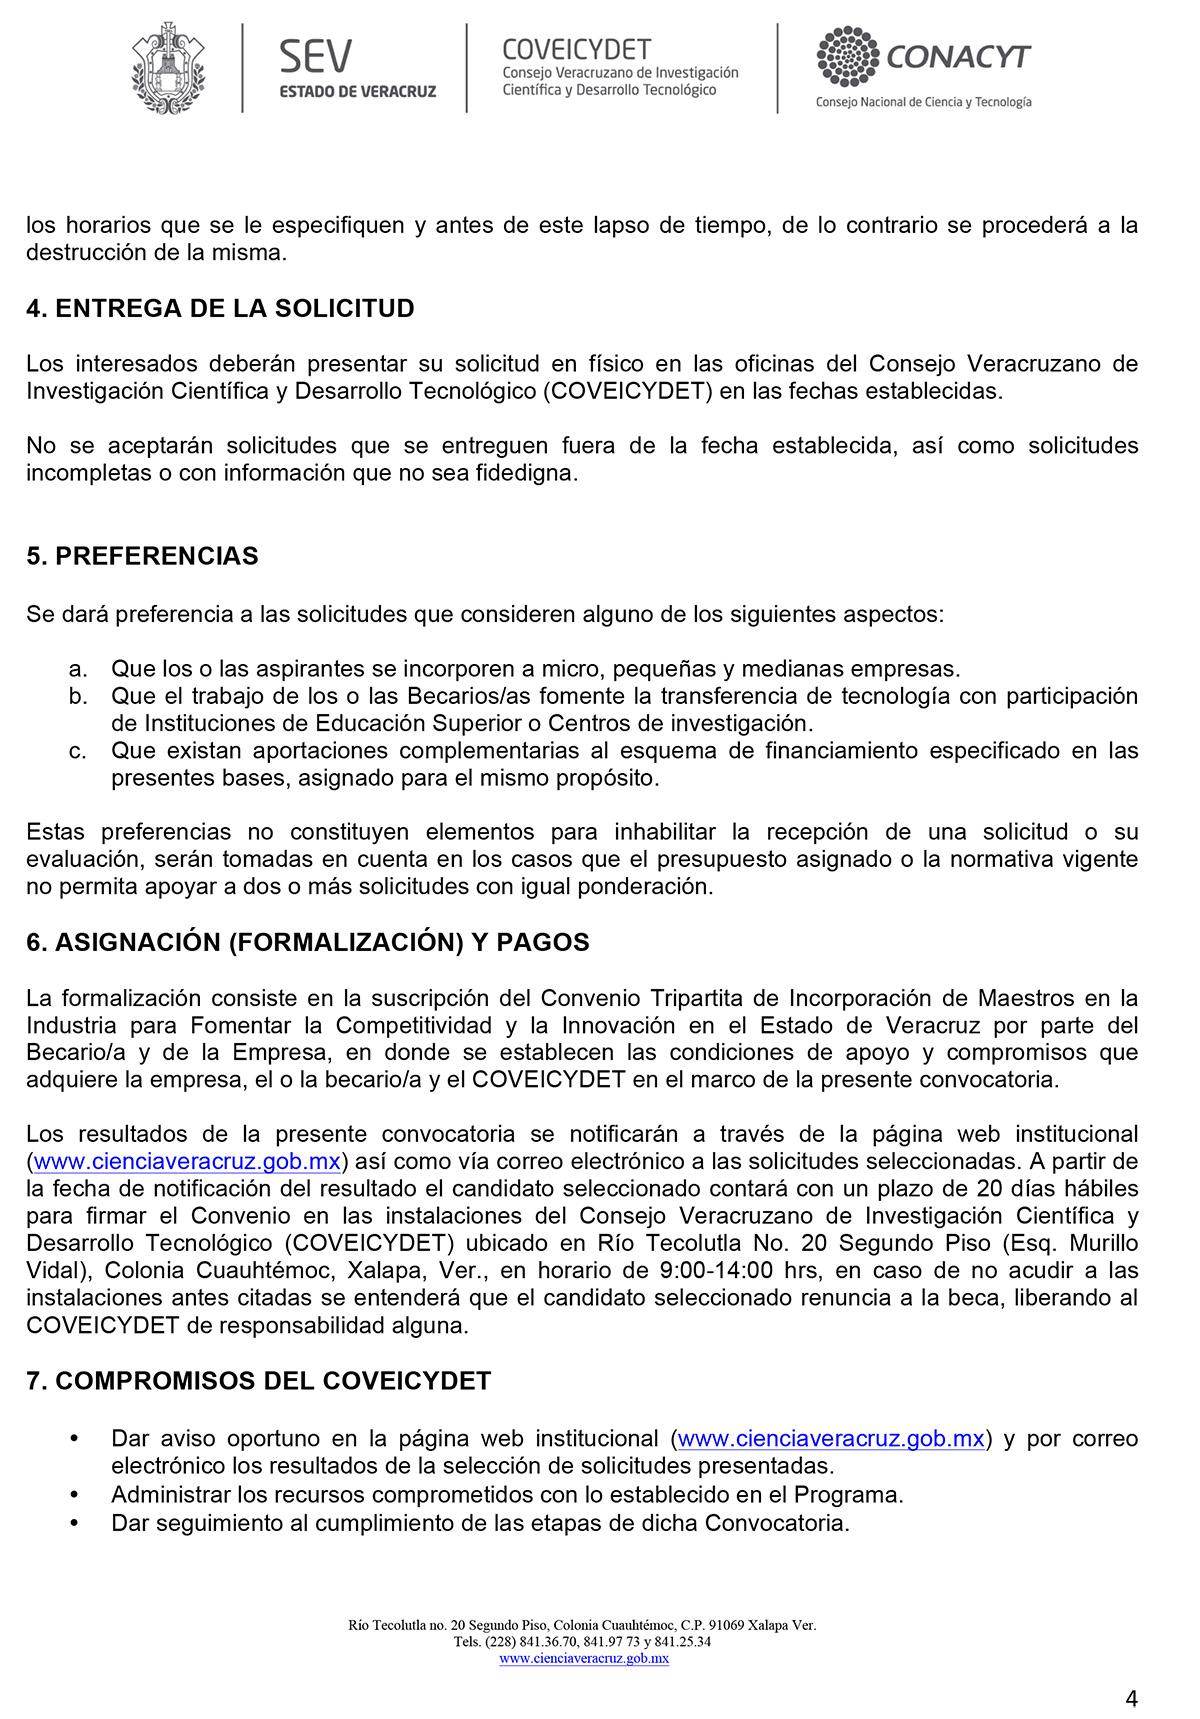 Convocatoria de incorporaci n de maestros y doctores a la for Convocatoria de maestros